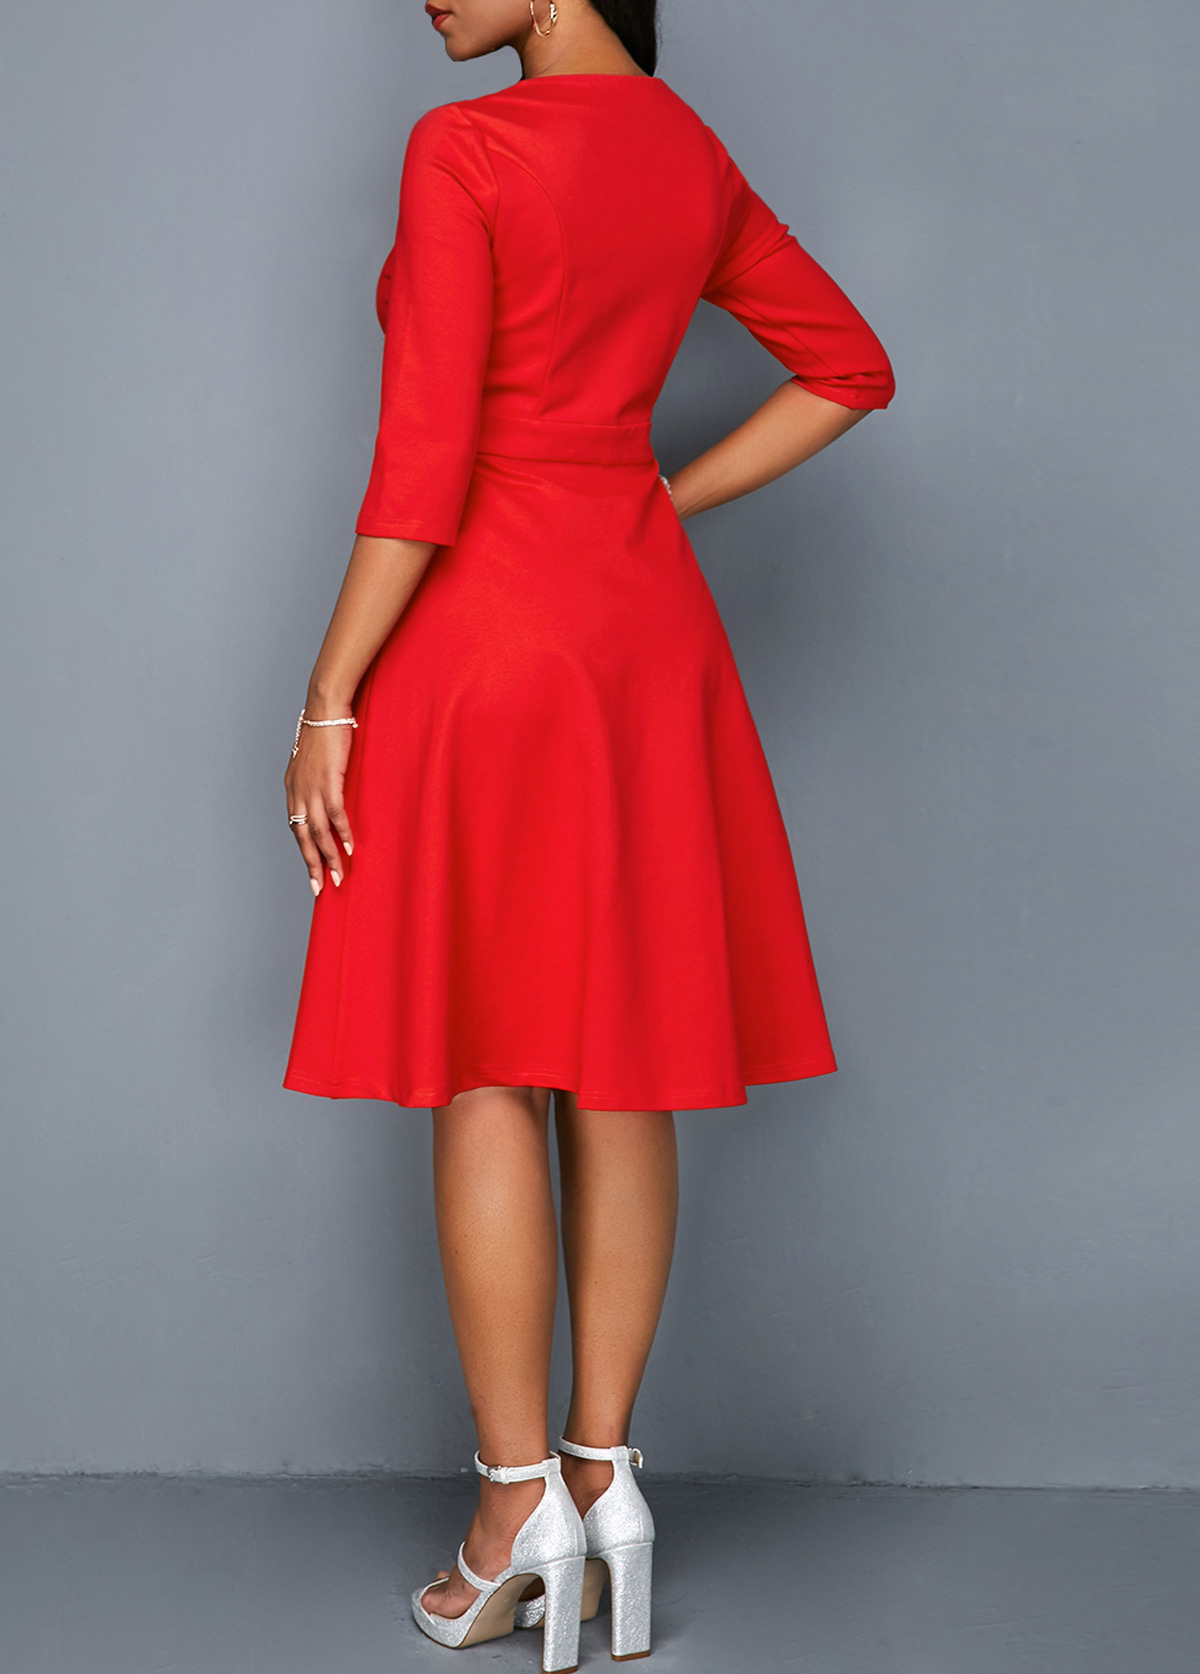 Round Neck Button Detail Side Pocket Dress